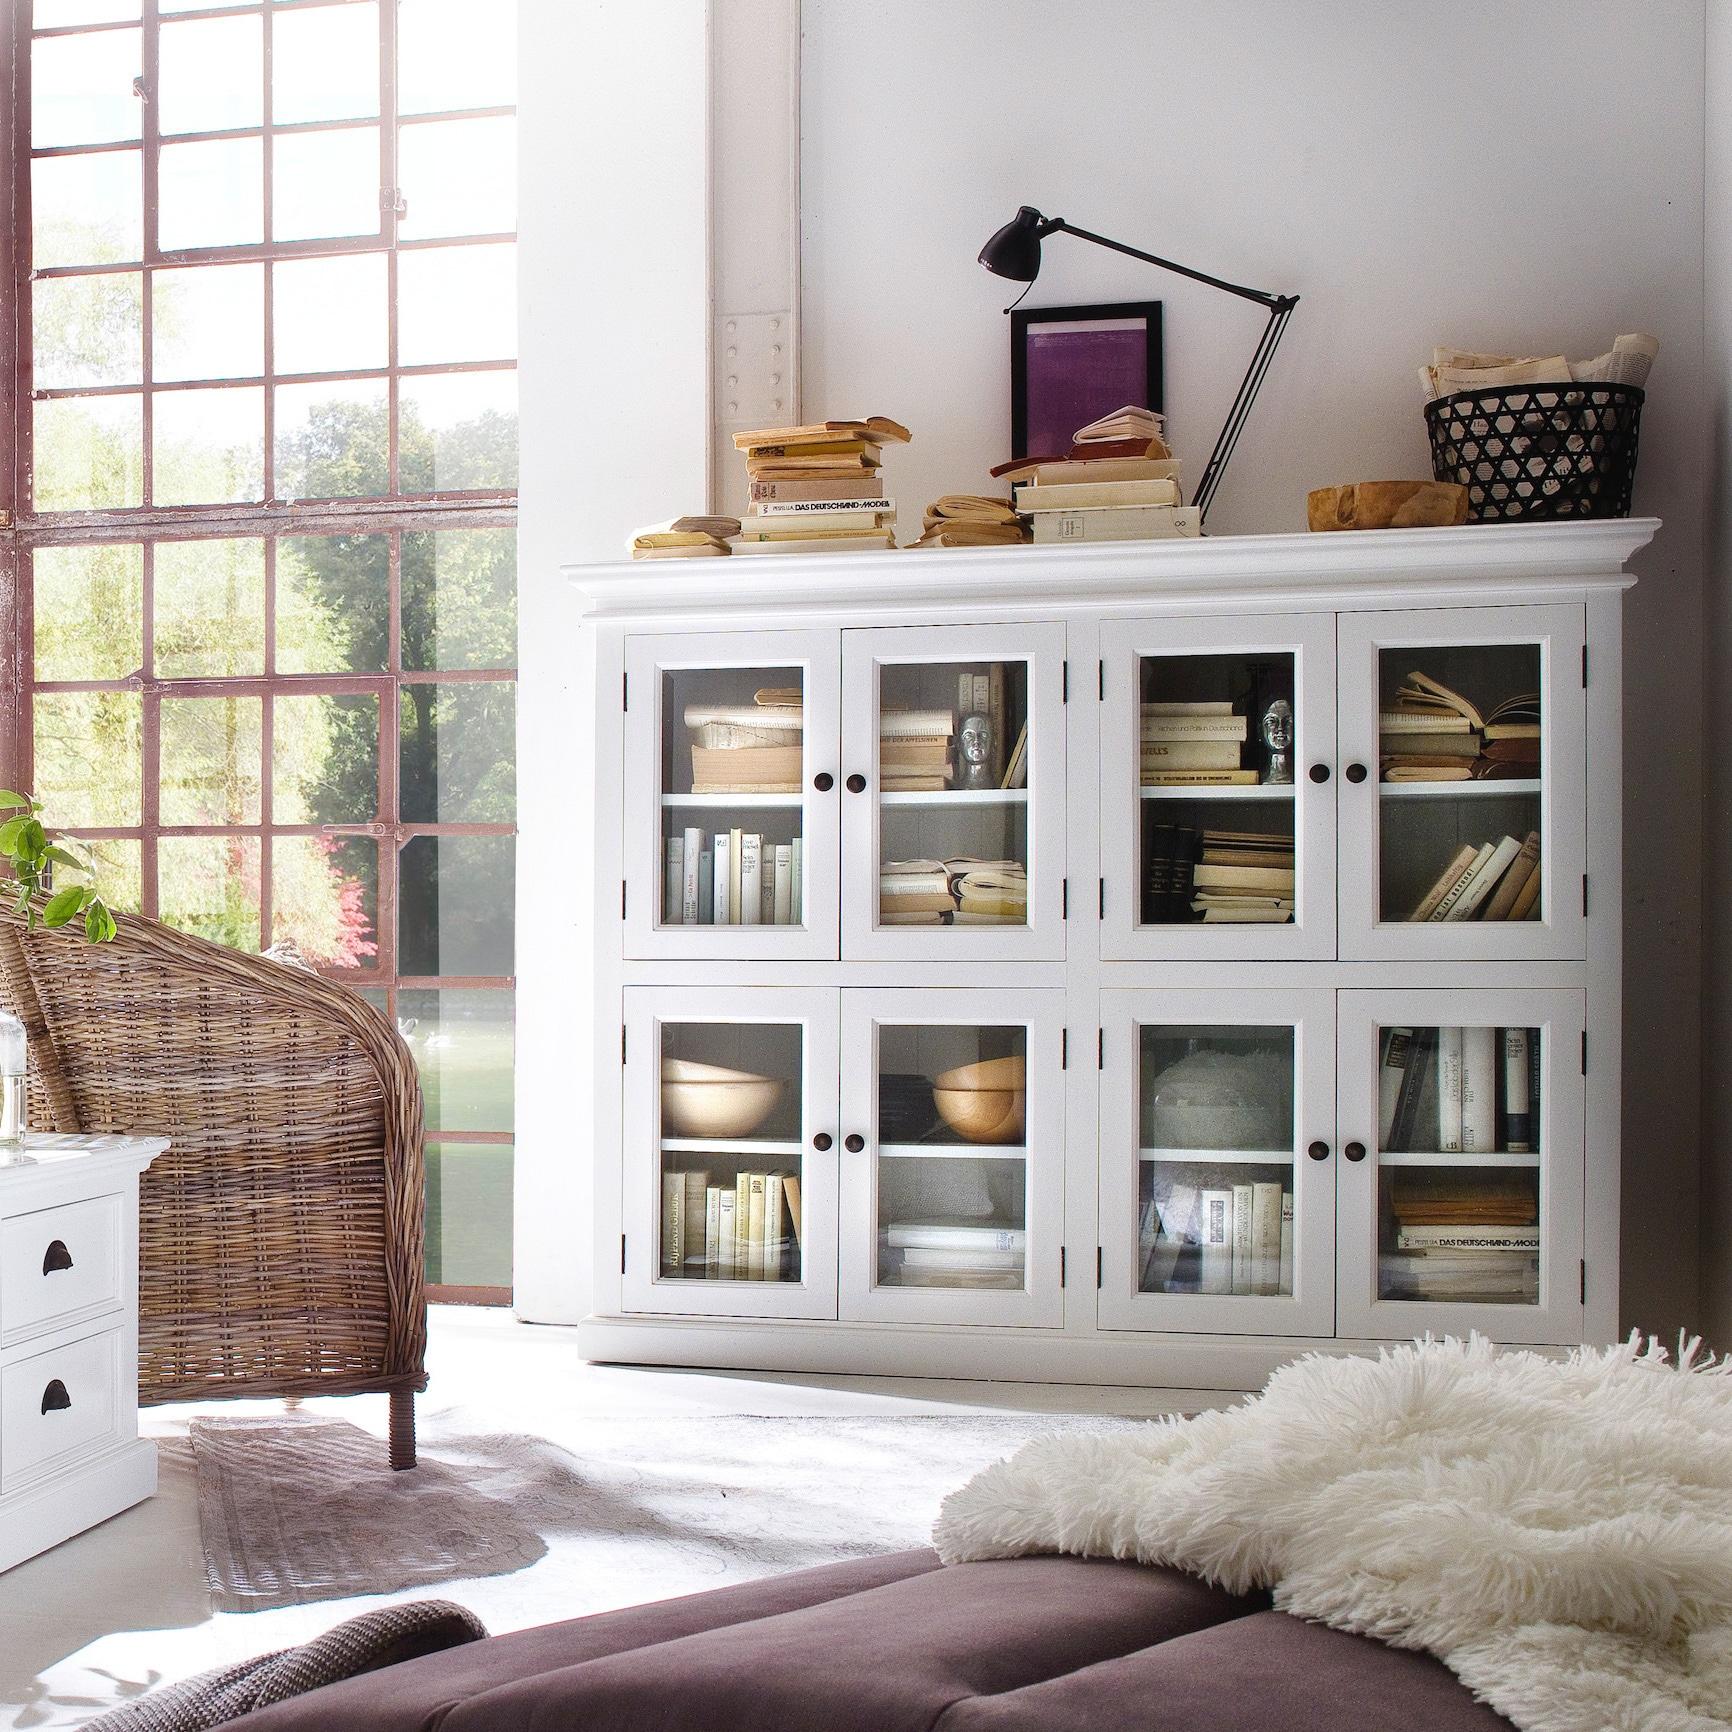 Nova Solo NovaSolo Mahogany Pantry with 8 Shelves (White)...